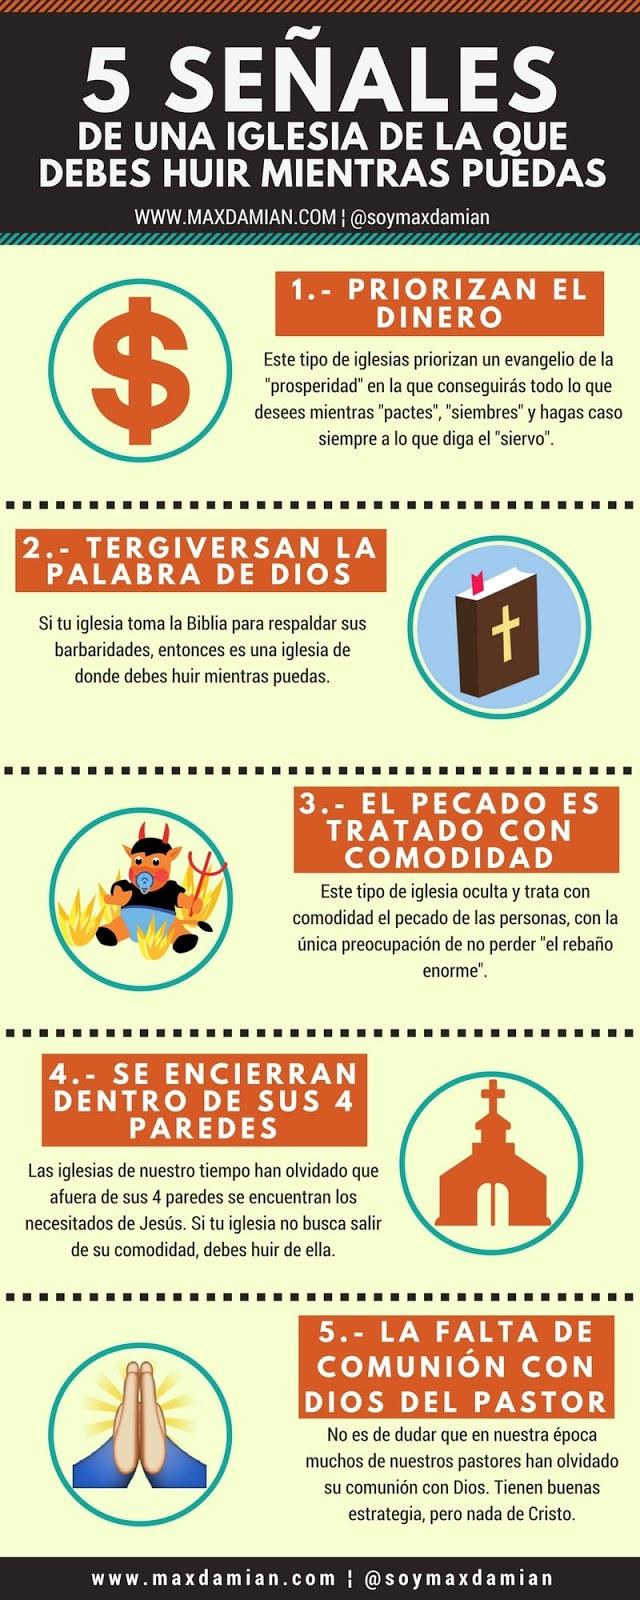 infografias-cristianas-de-iglesias-falsas